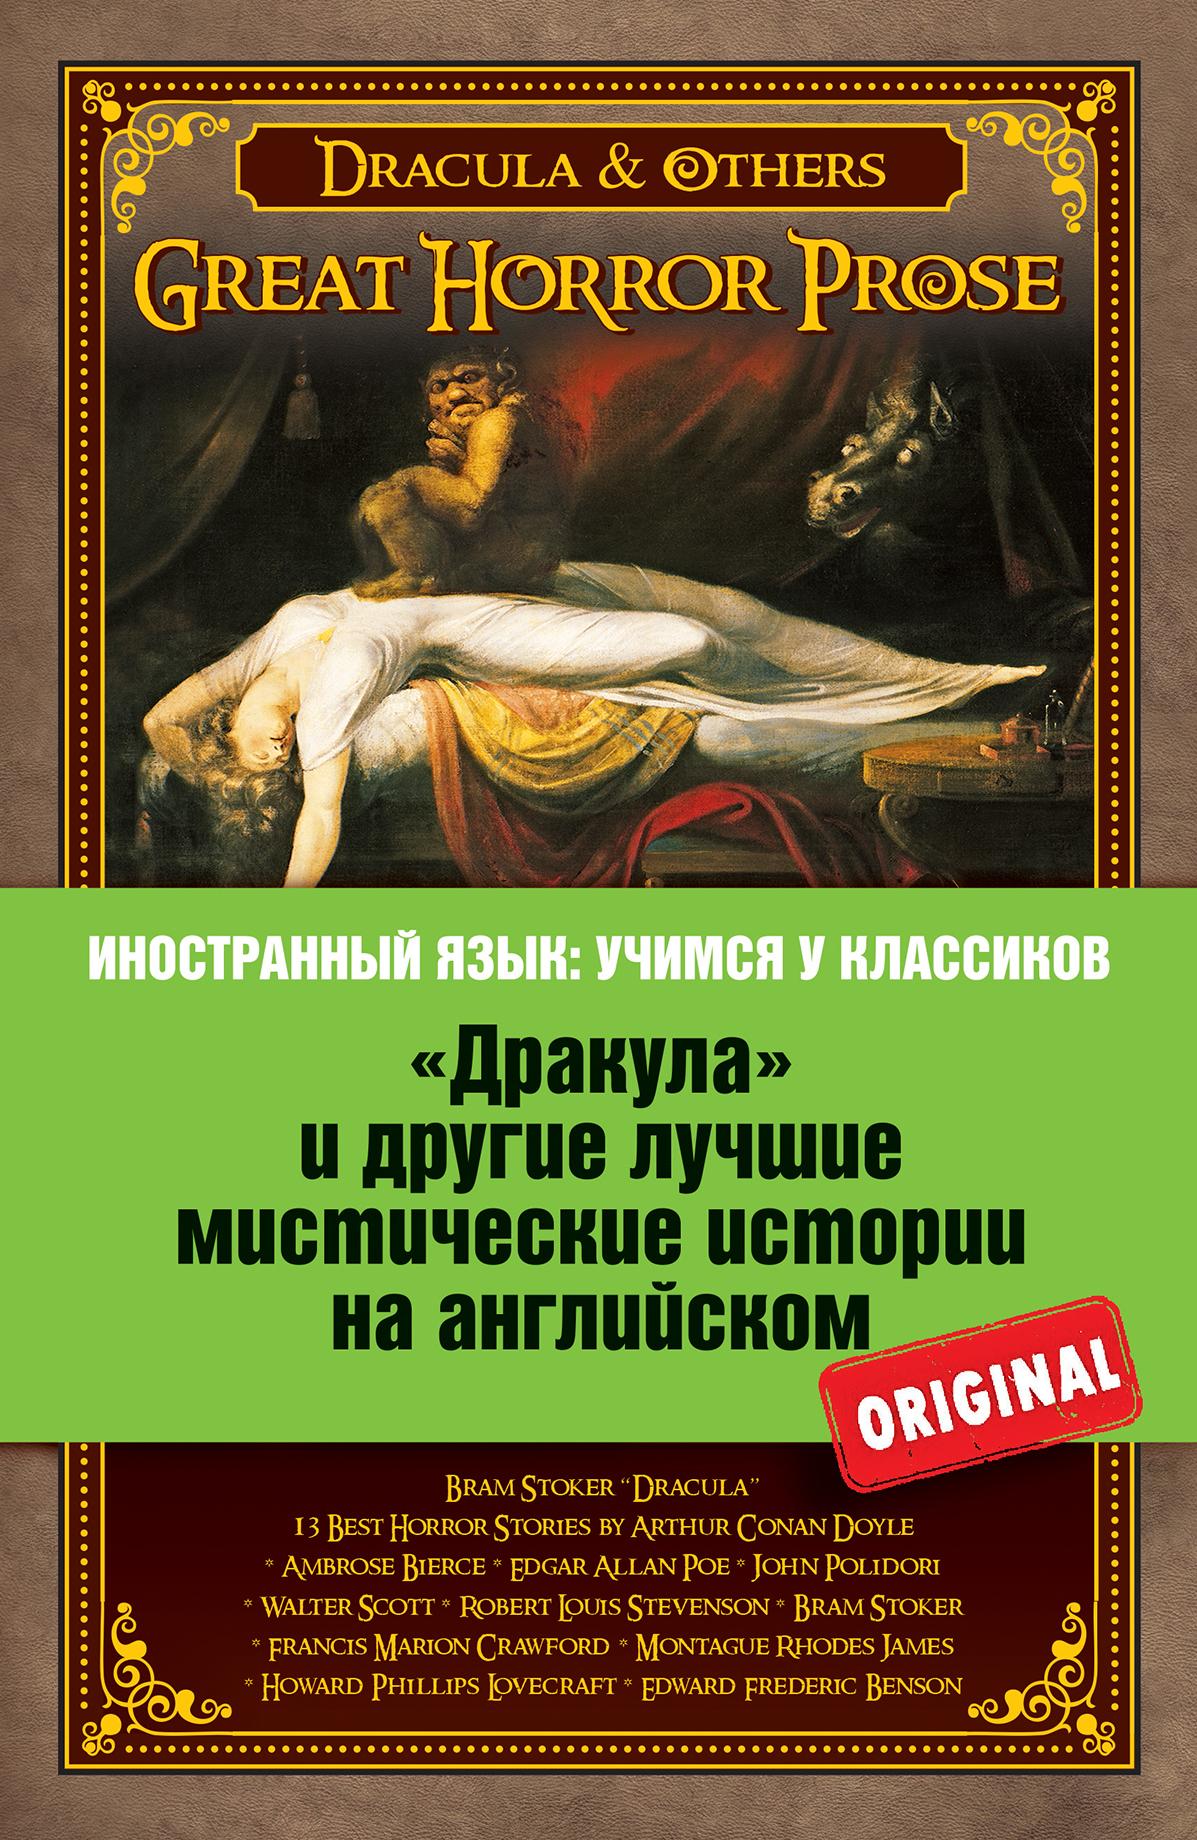 Коллектив авторов «Дракула» и другие лучшие мистические истории на английском